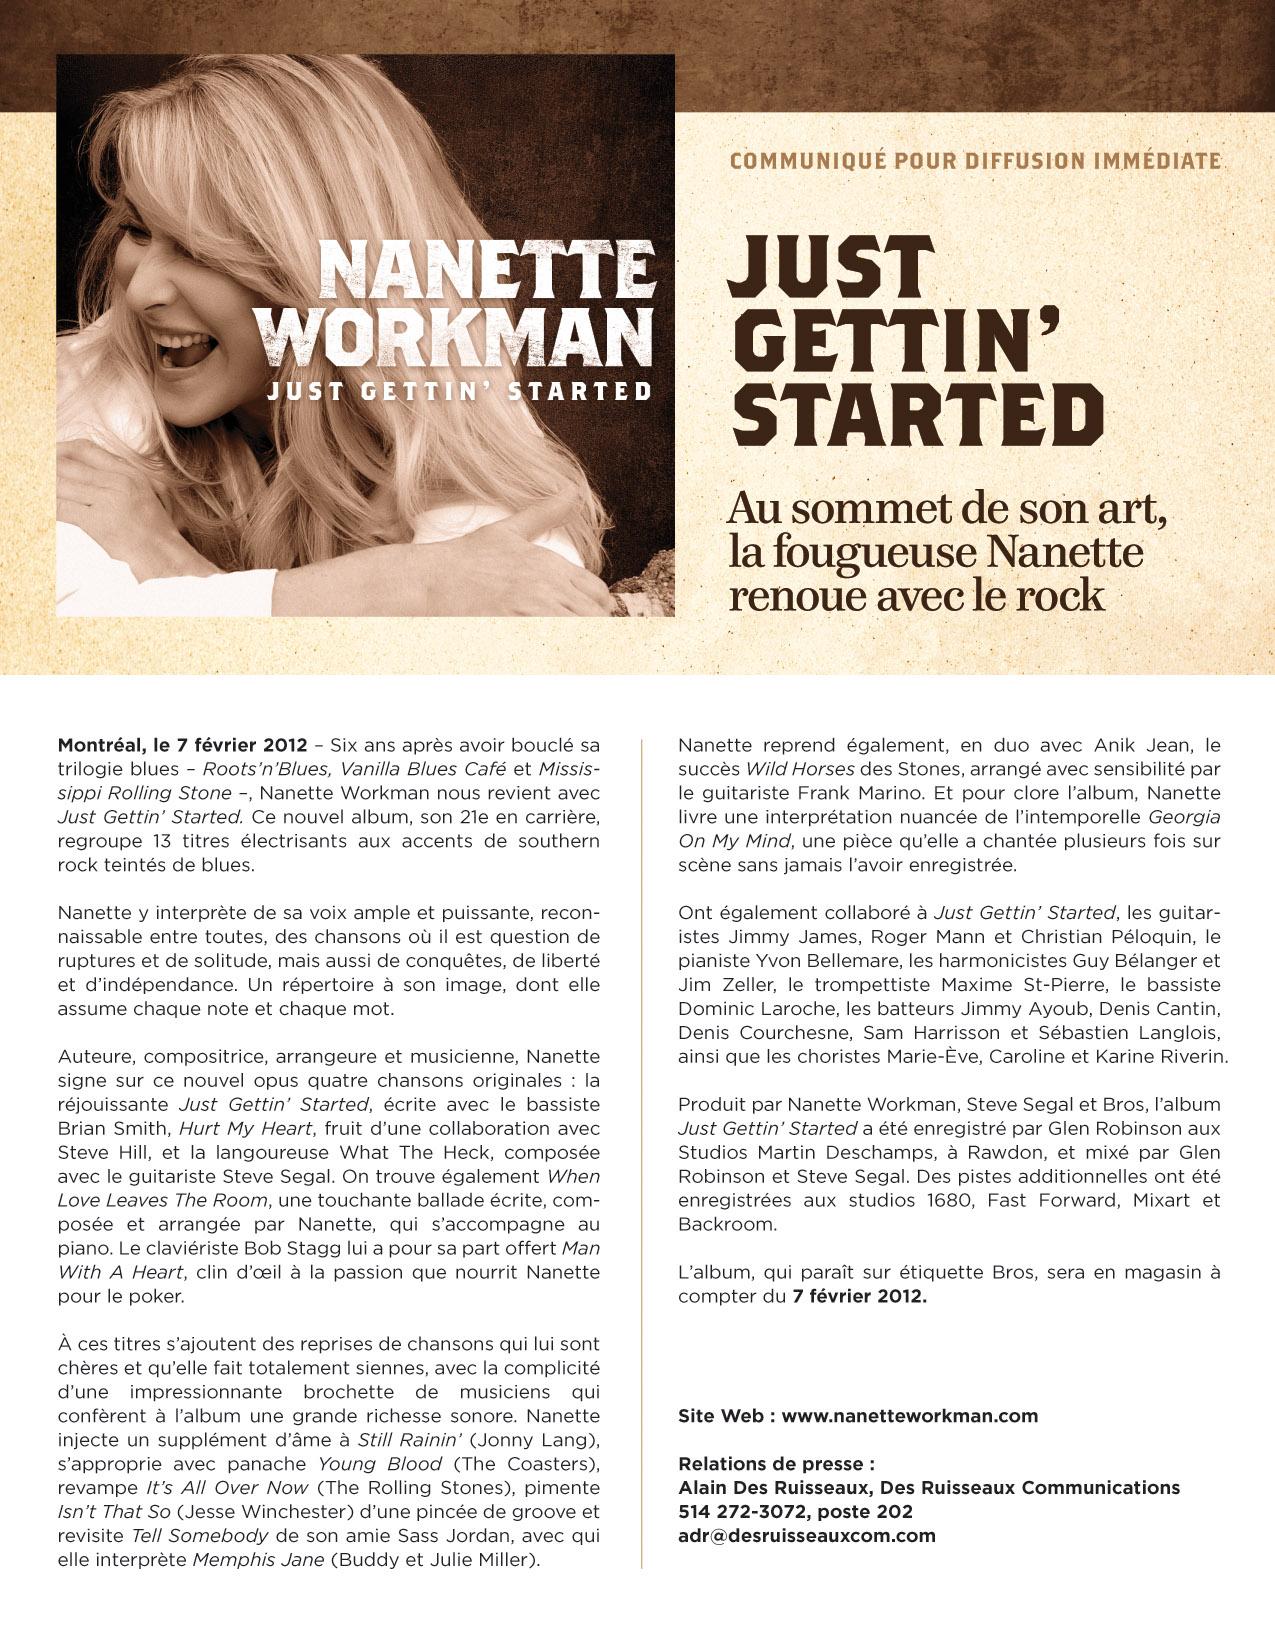 Nanette Workman   Just Gettin' Started en magasin dès aujourd'hui!